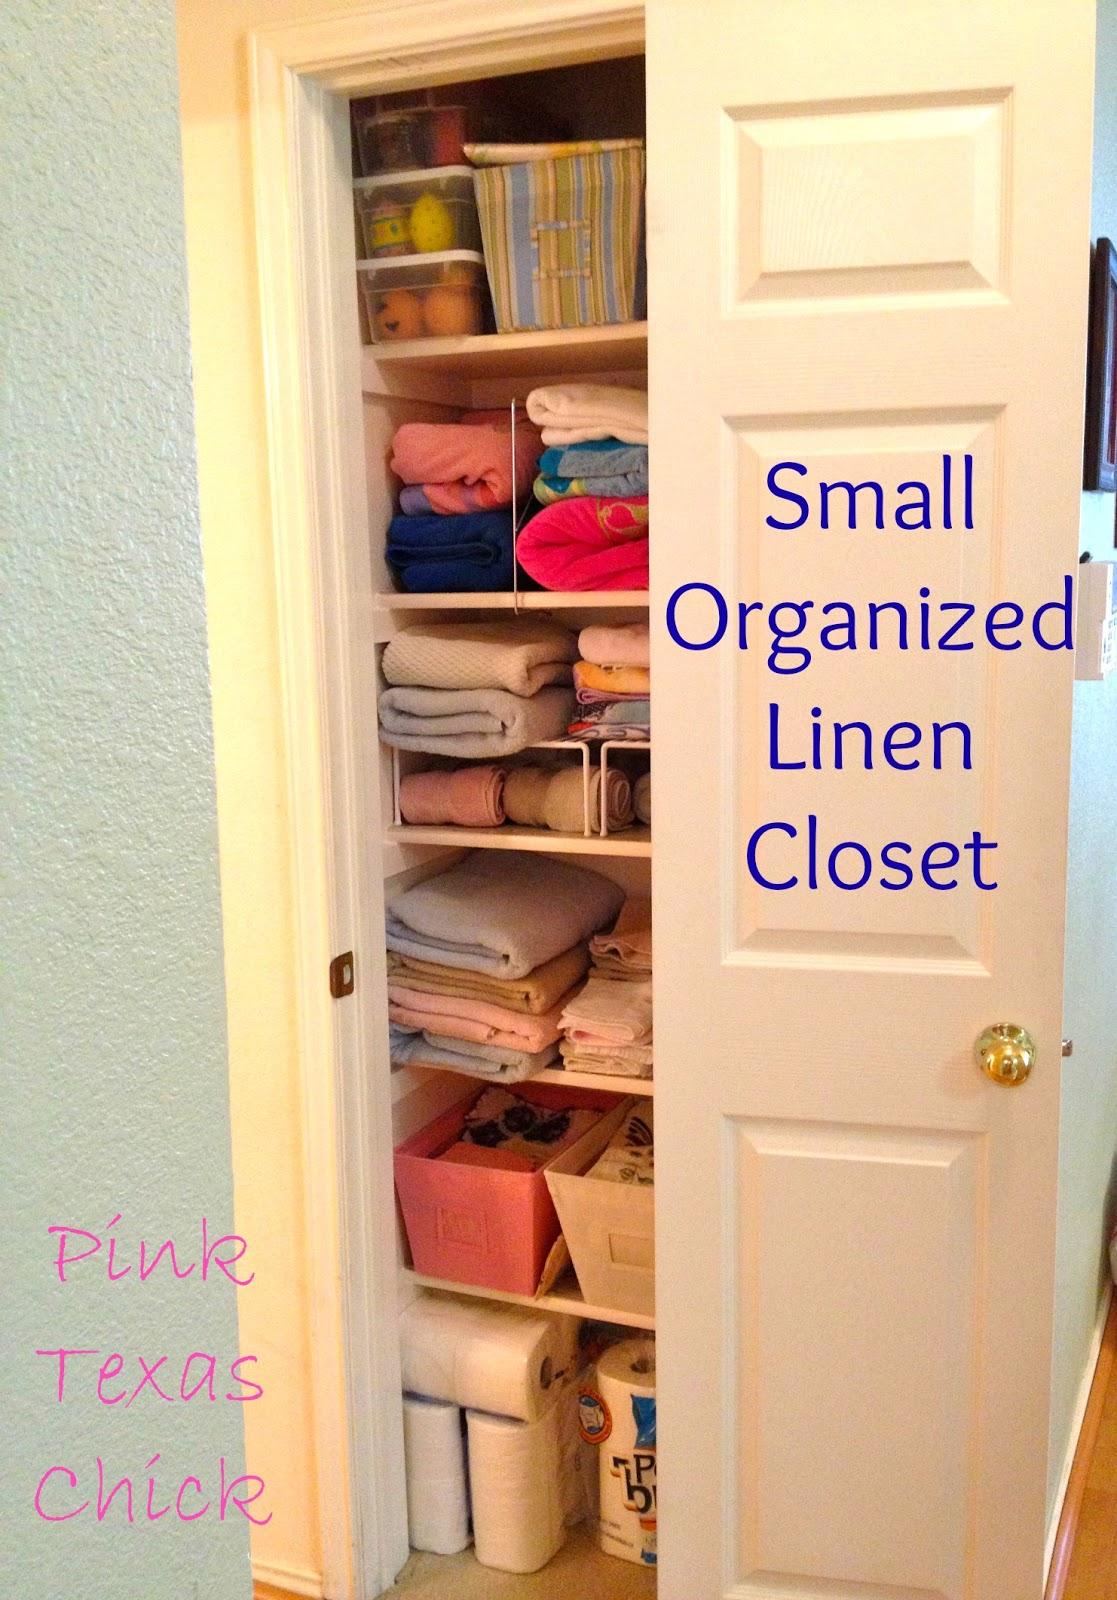 Pink Texas Chick: Organized Linen Closet... Finally!